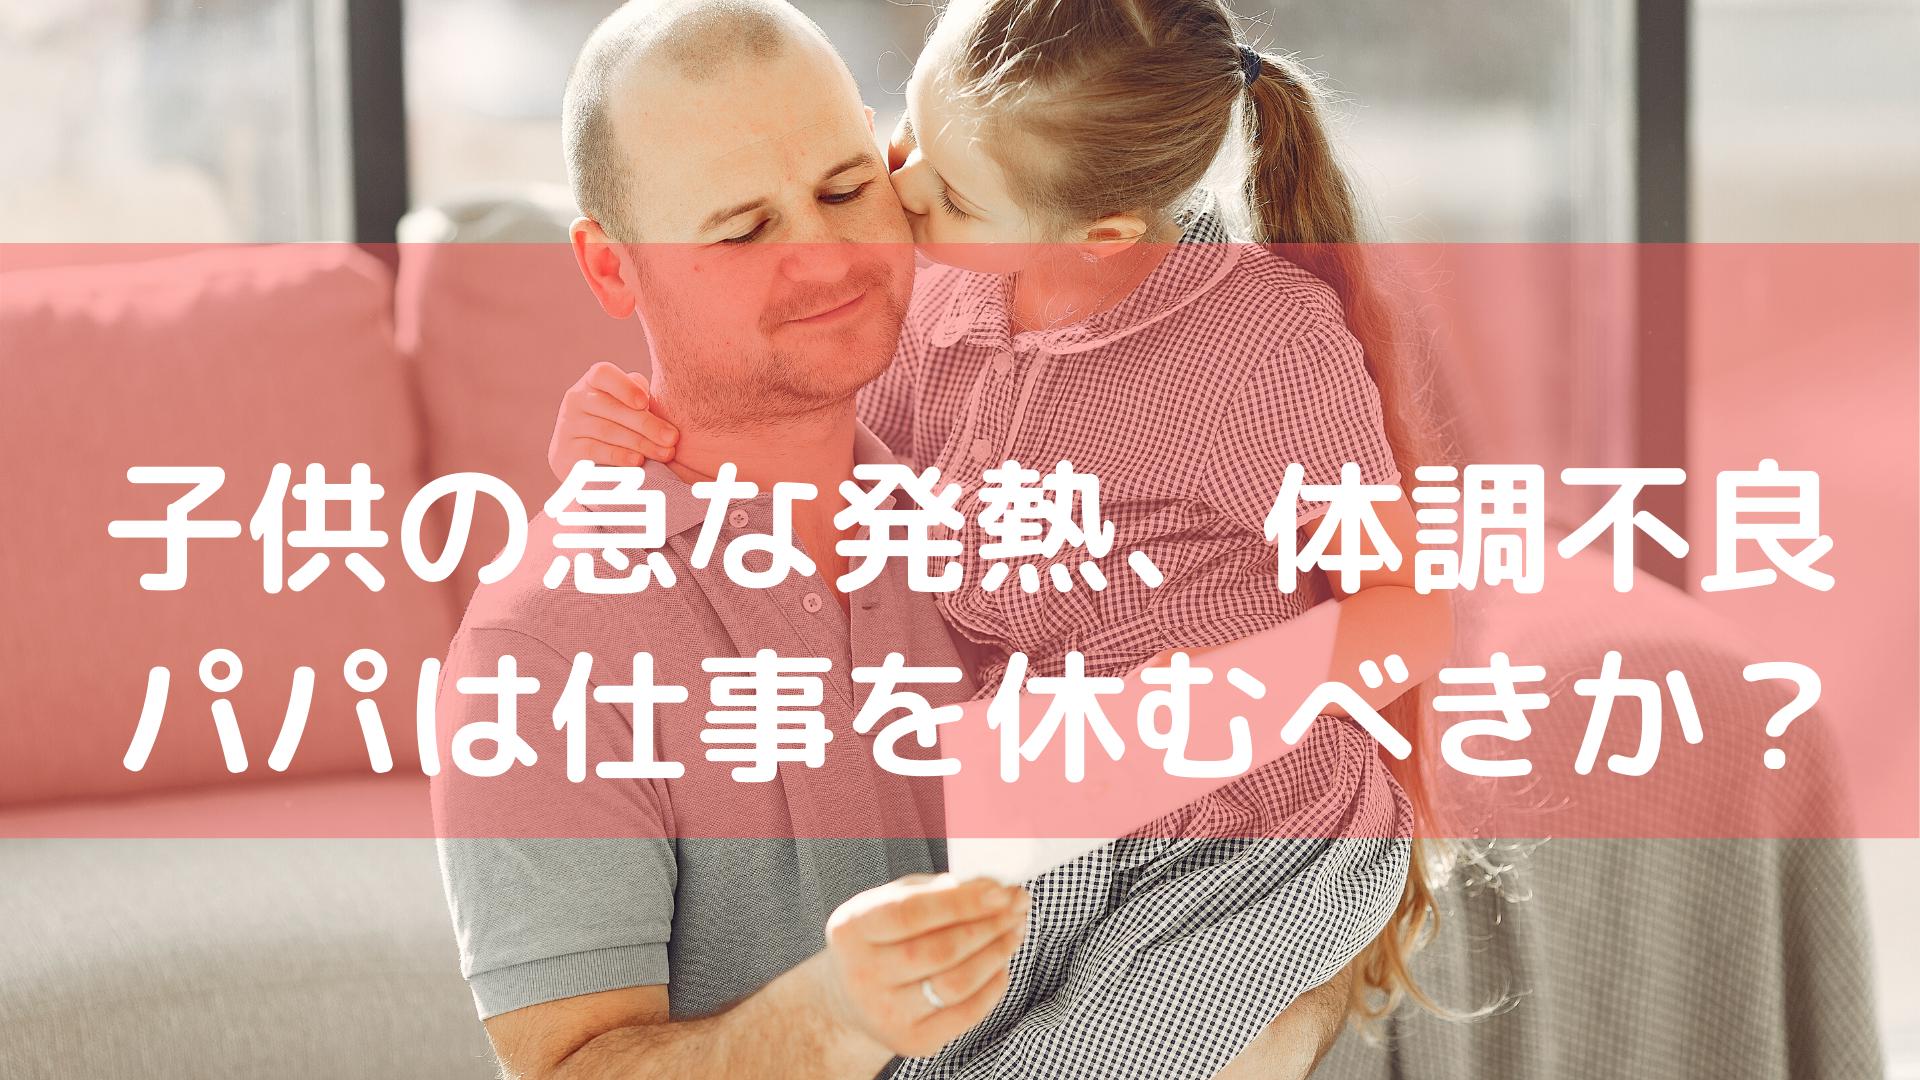 子供の急な体調不良パパは仕事を休むべきか?タイトル画像